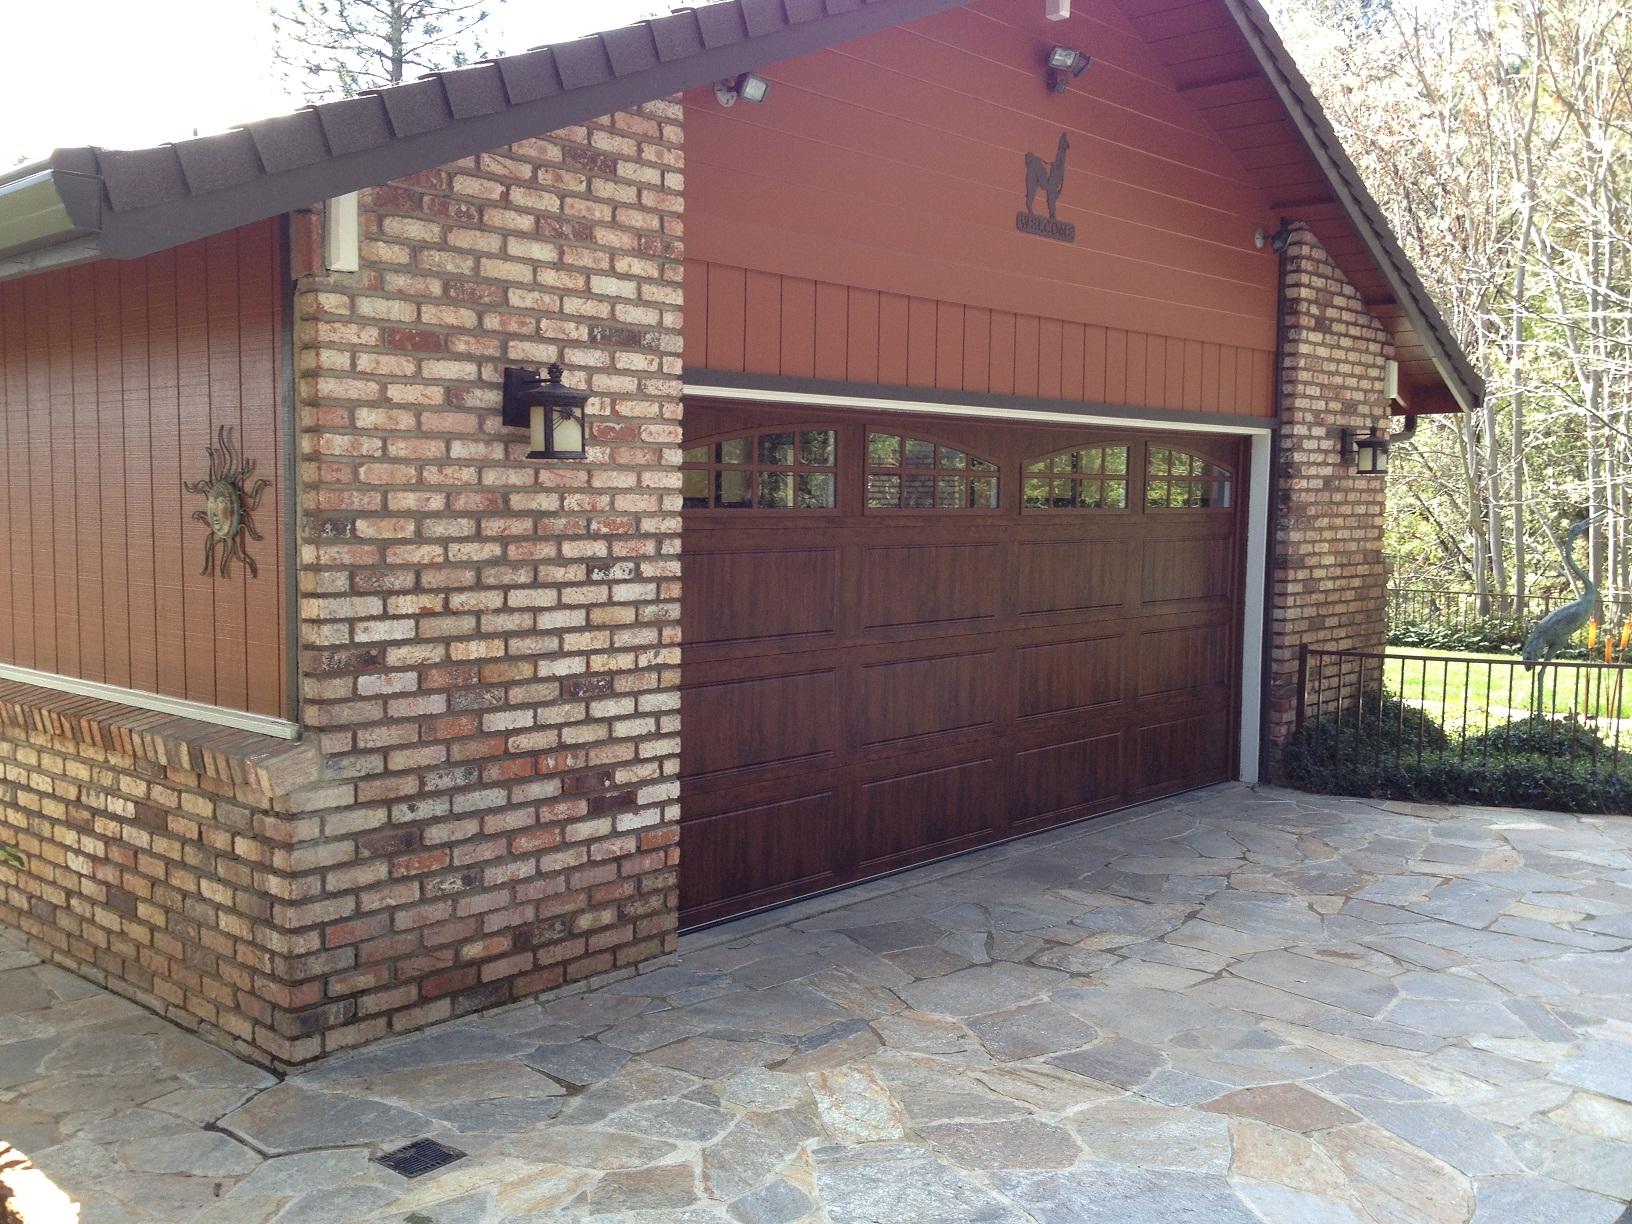 1224 #7C724F 49er Overhead Garage Door Products And Dealers Grass Valley Ca pic Best Garage Doors Consumer Reports 39411632